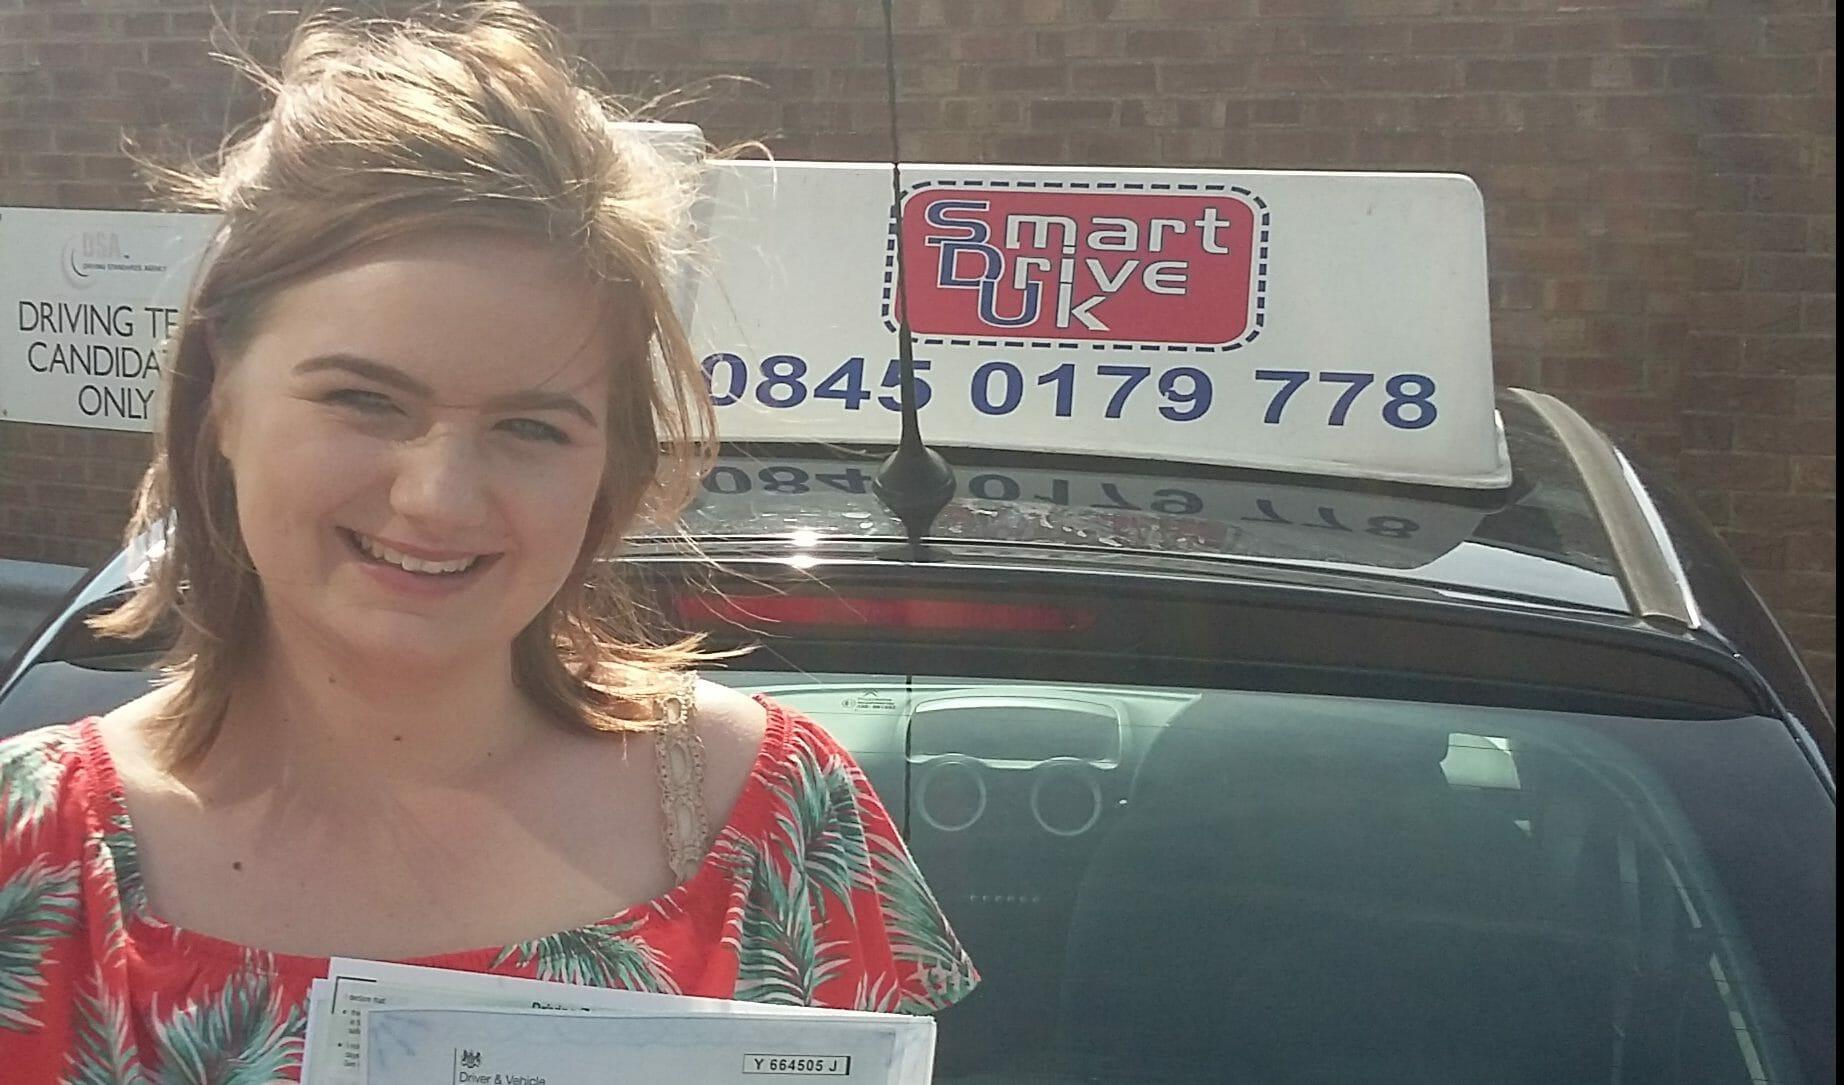 Well done to Jess Burtenshaw from Shoreham